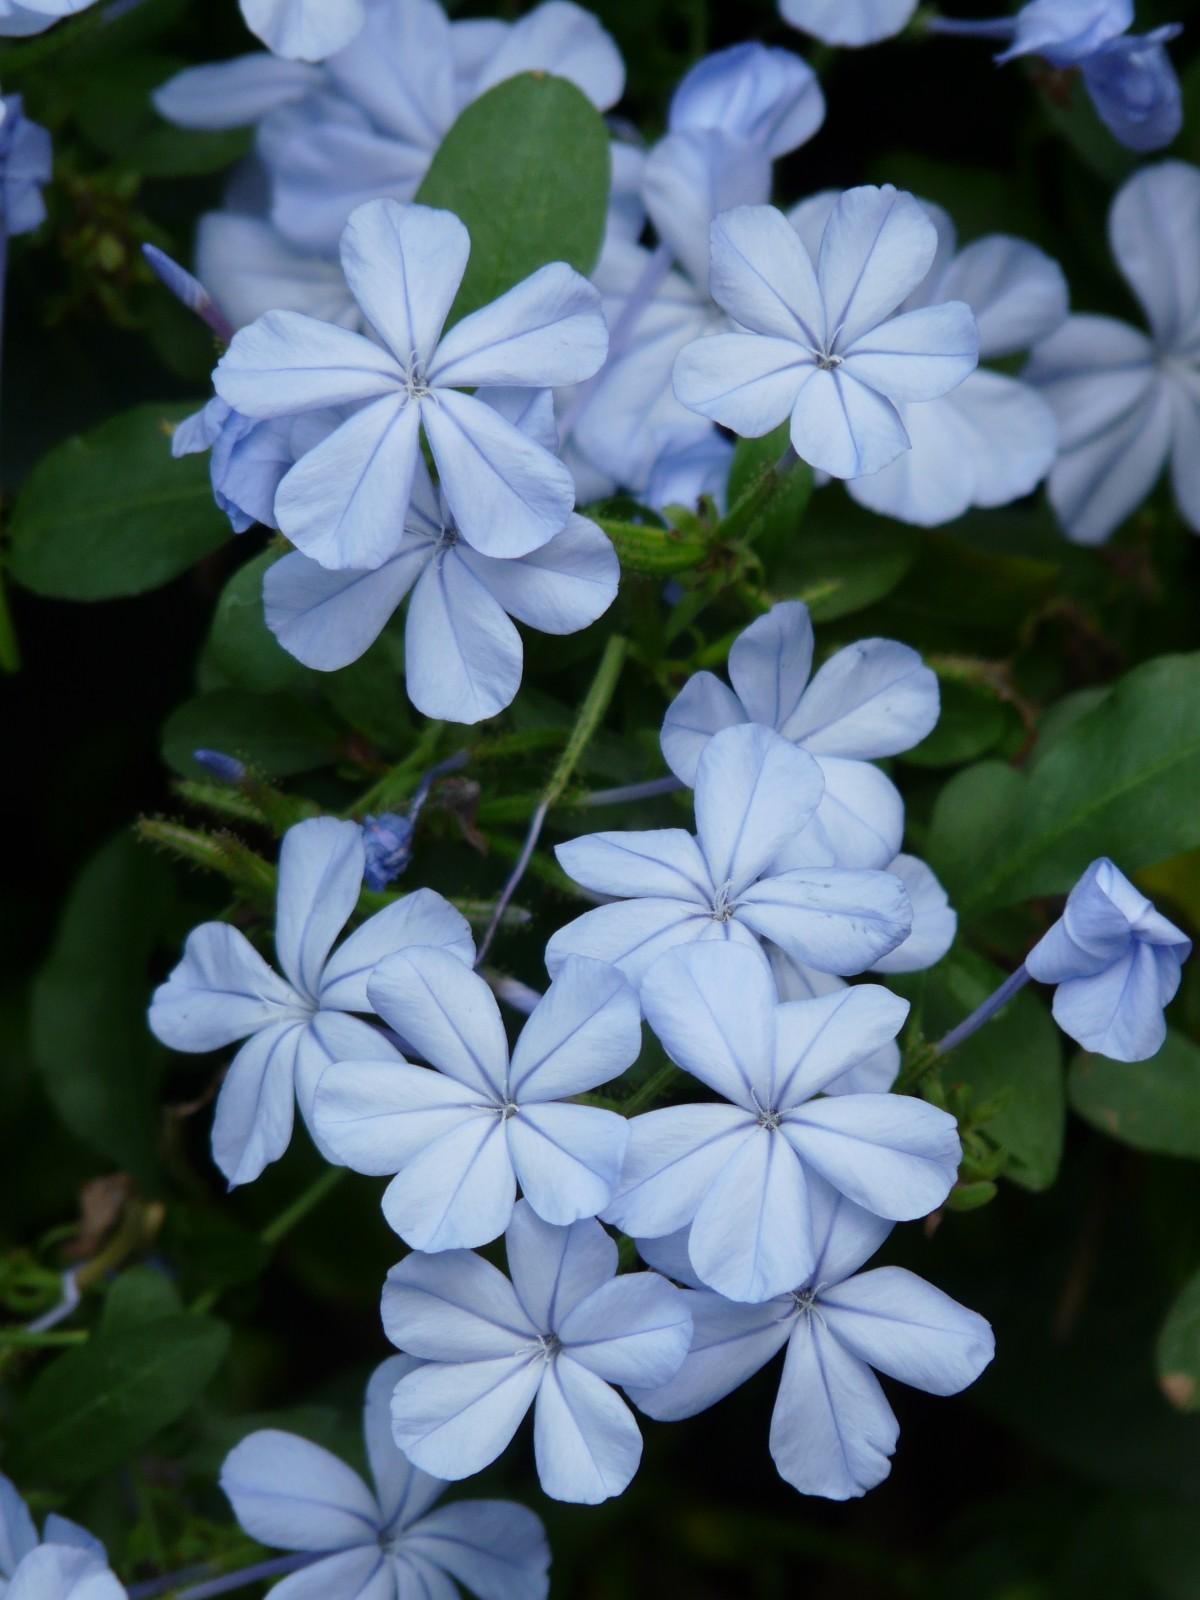 Immagini belle natura fiorire petalo botanica for Fiori ornamentali